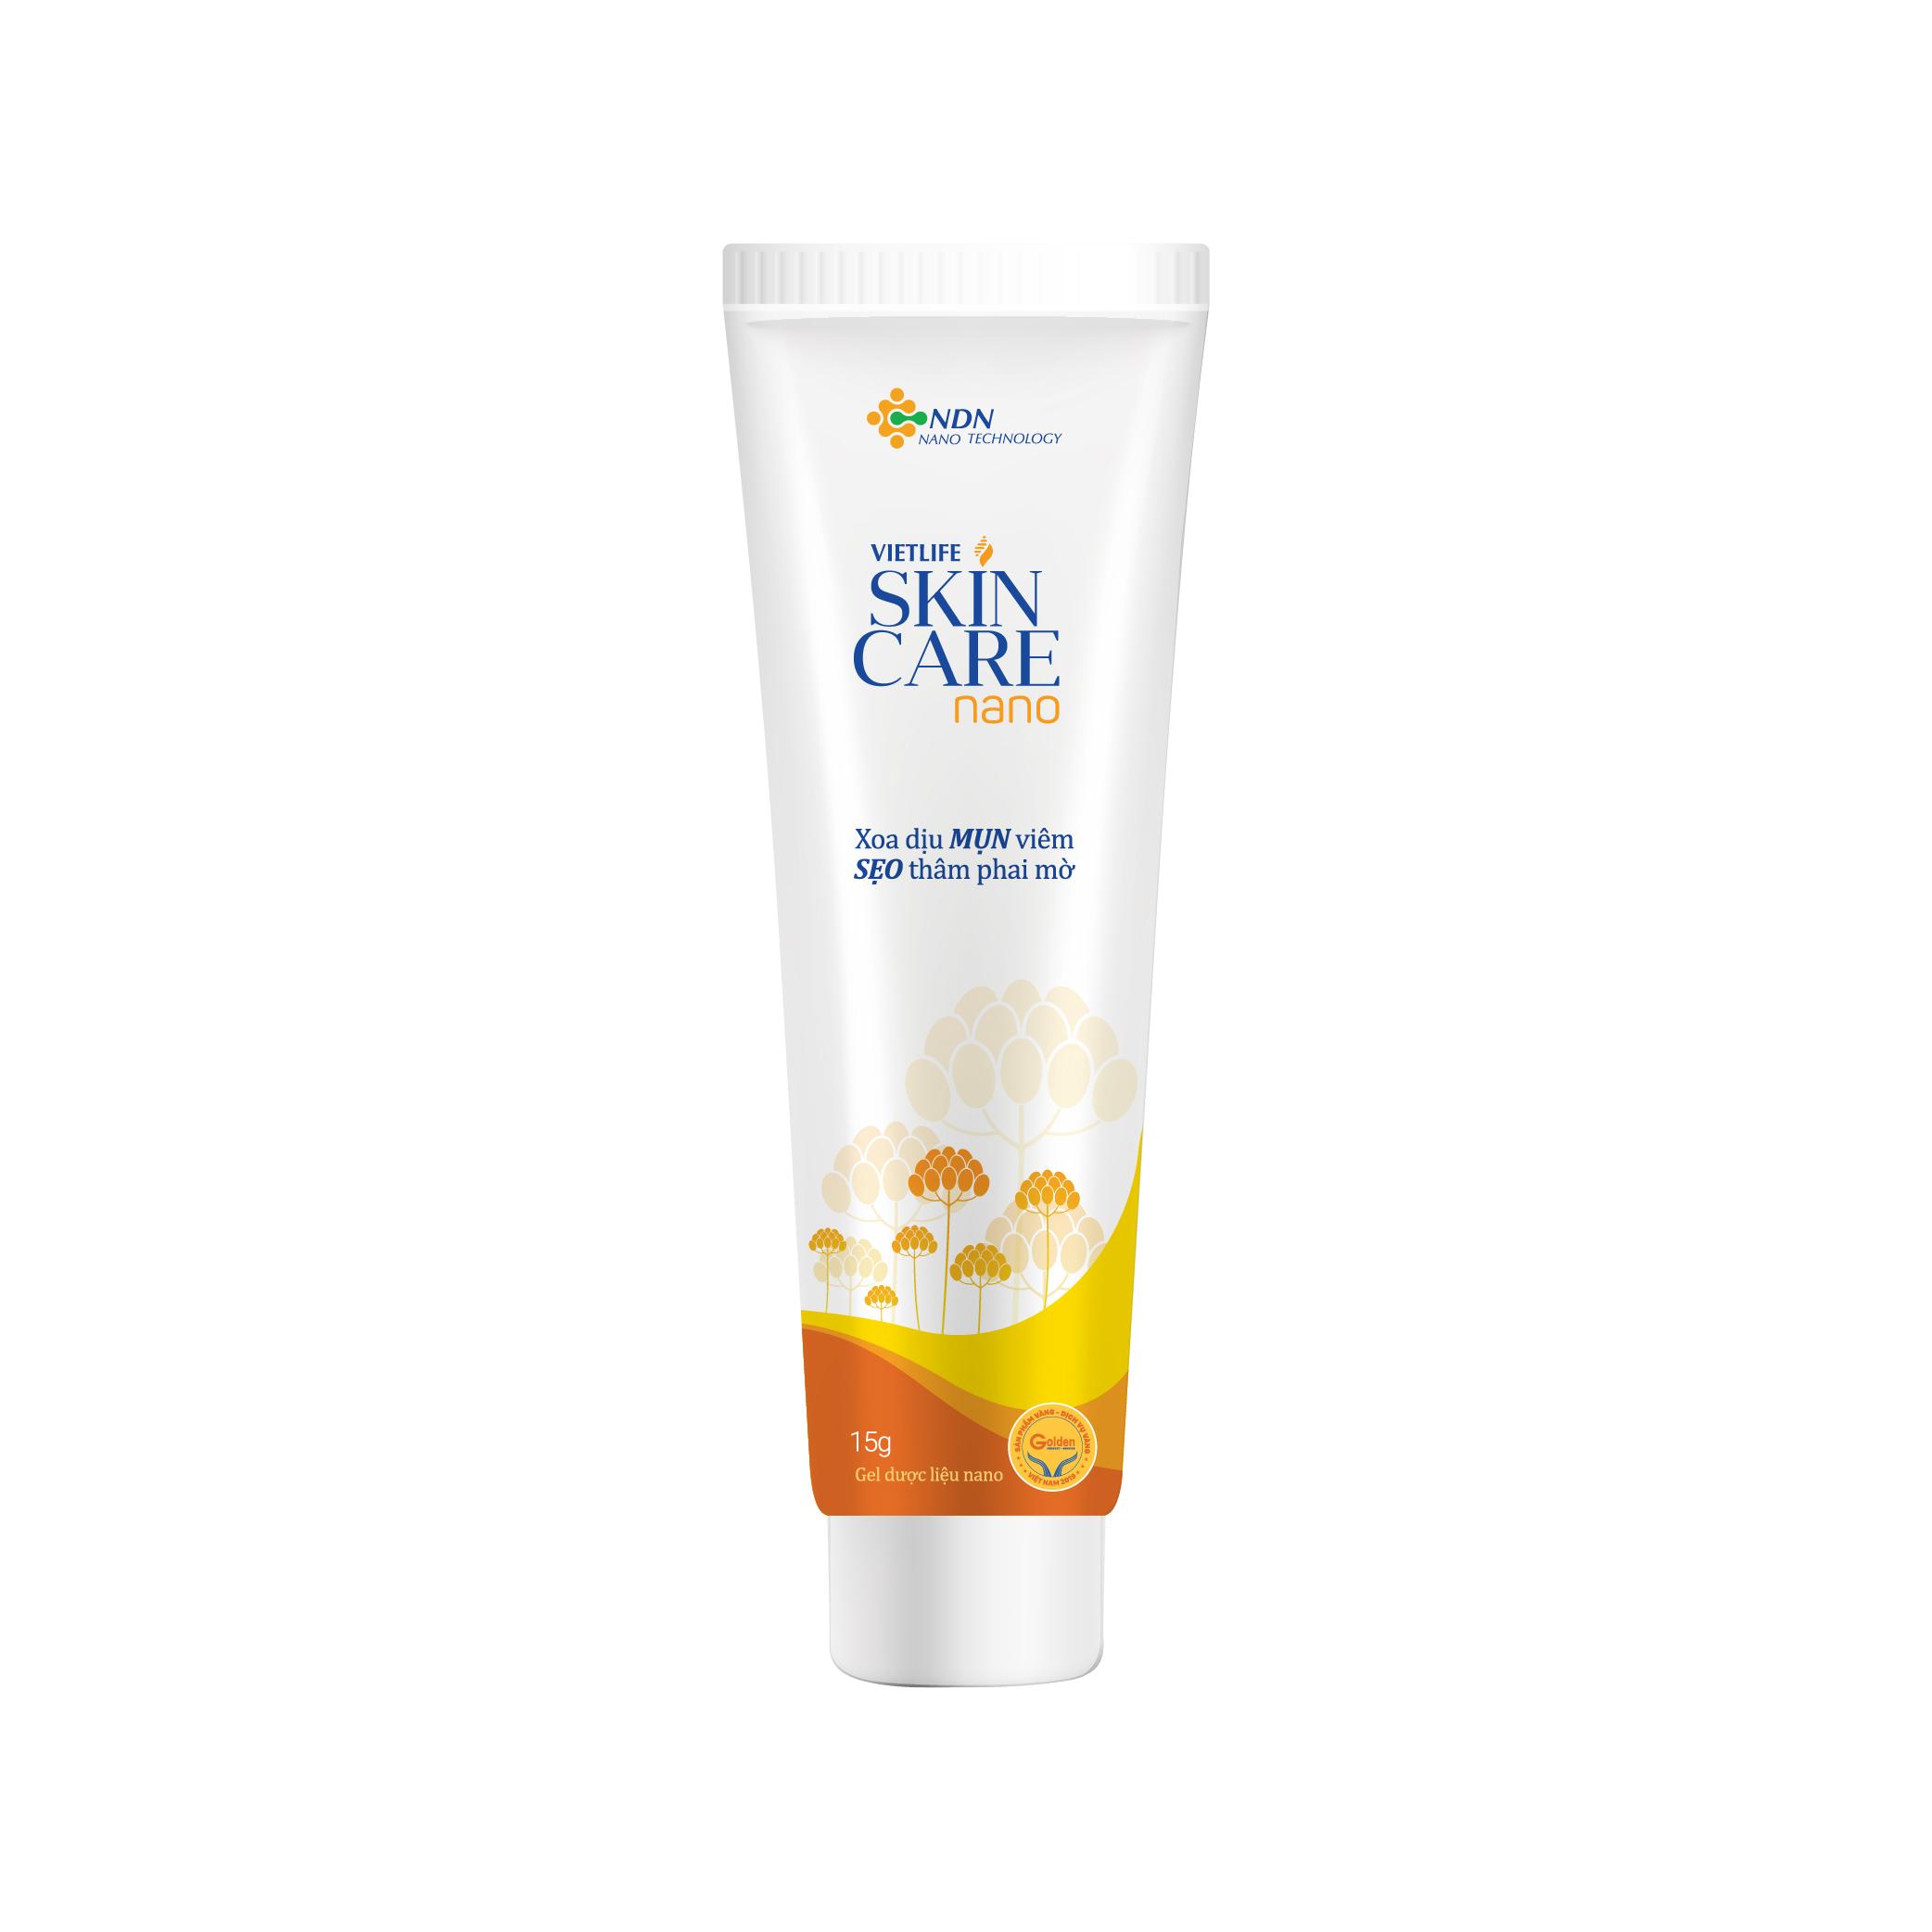 Vietlife Skincare Nano - Gel ngăn ngừa Sẹo Mụn Thâm công nghệ Nano hoá thành phần dược liệu thiên nhiên - Áp dụng công thức Nano độc quyền Sol-Gel của GS Nguyễn Đức Nghĩa